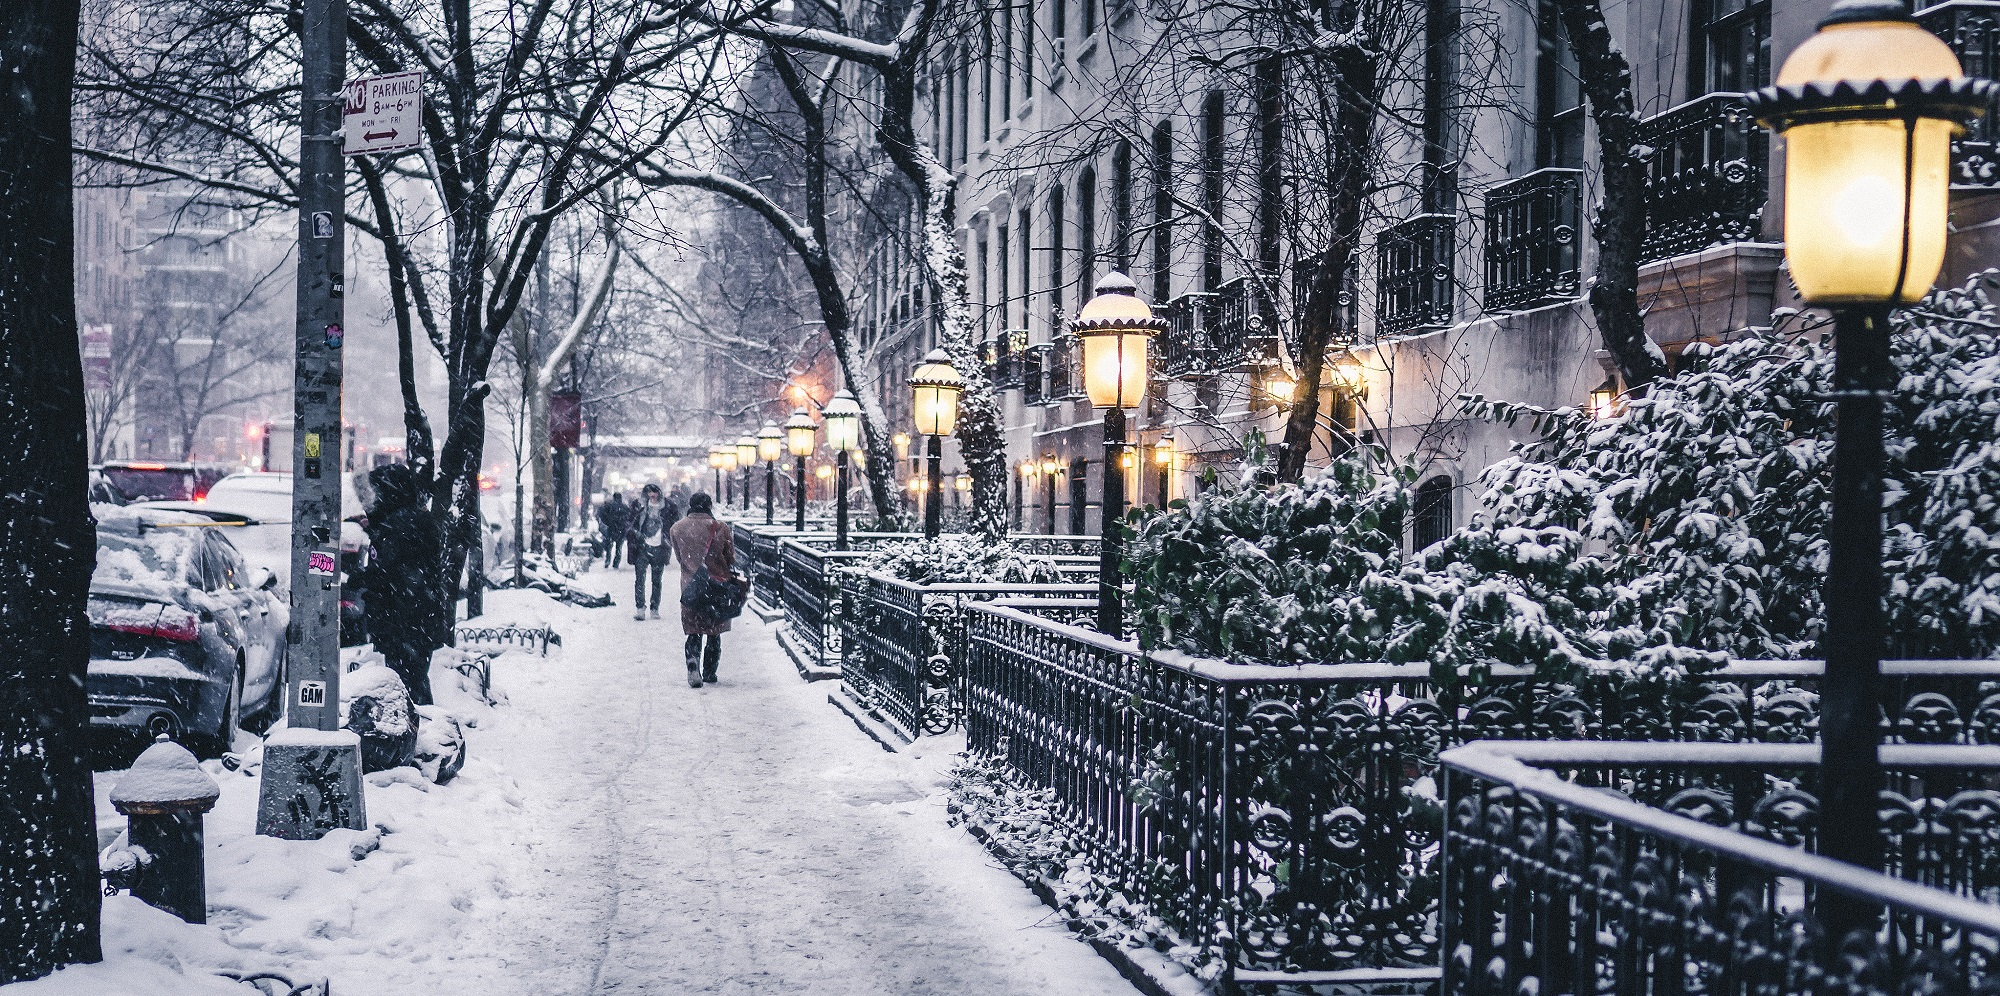 winter-activities-in-NYC.jpg